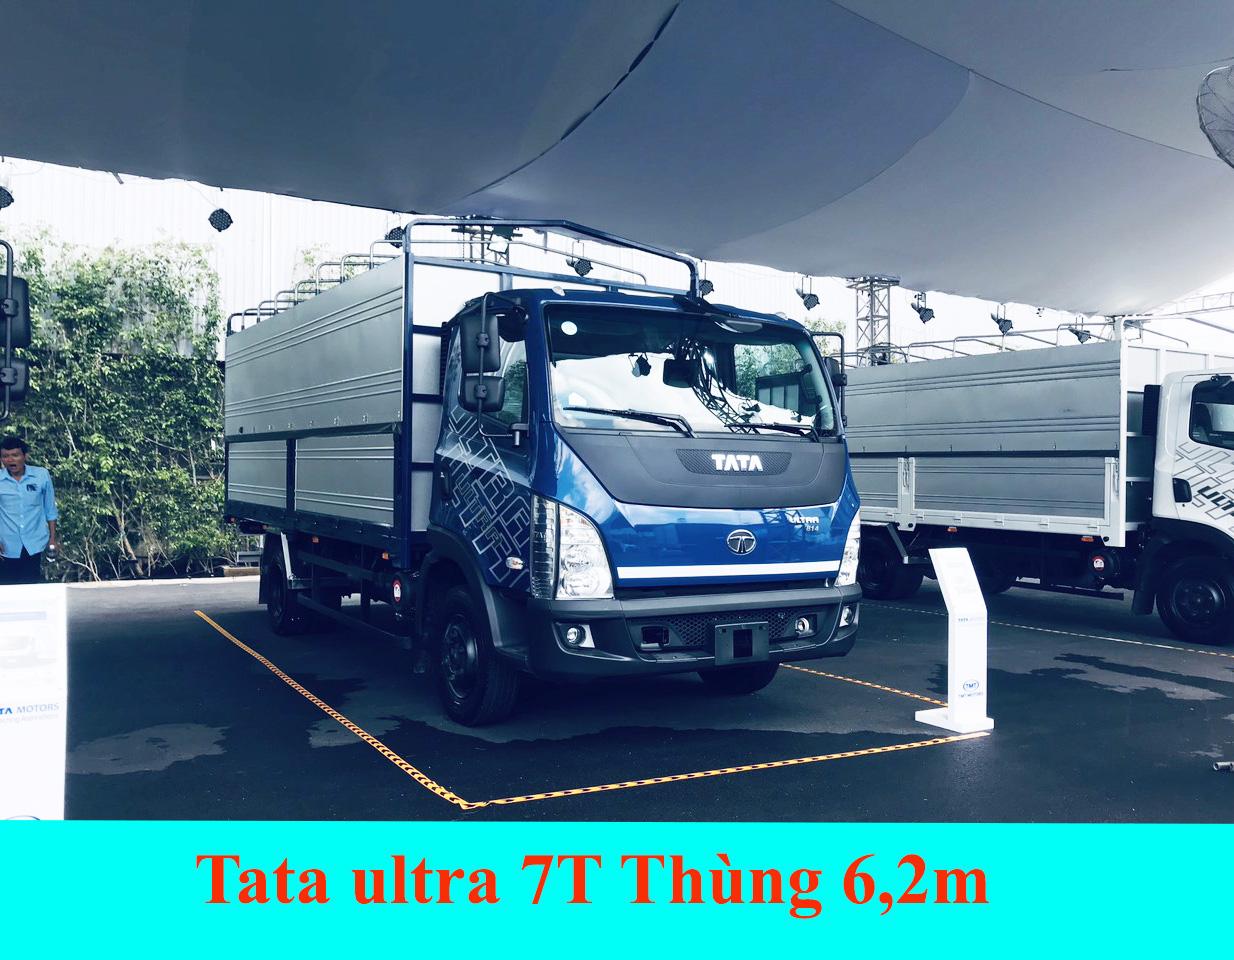 xe-tai-tata-7-tan-ultra-814